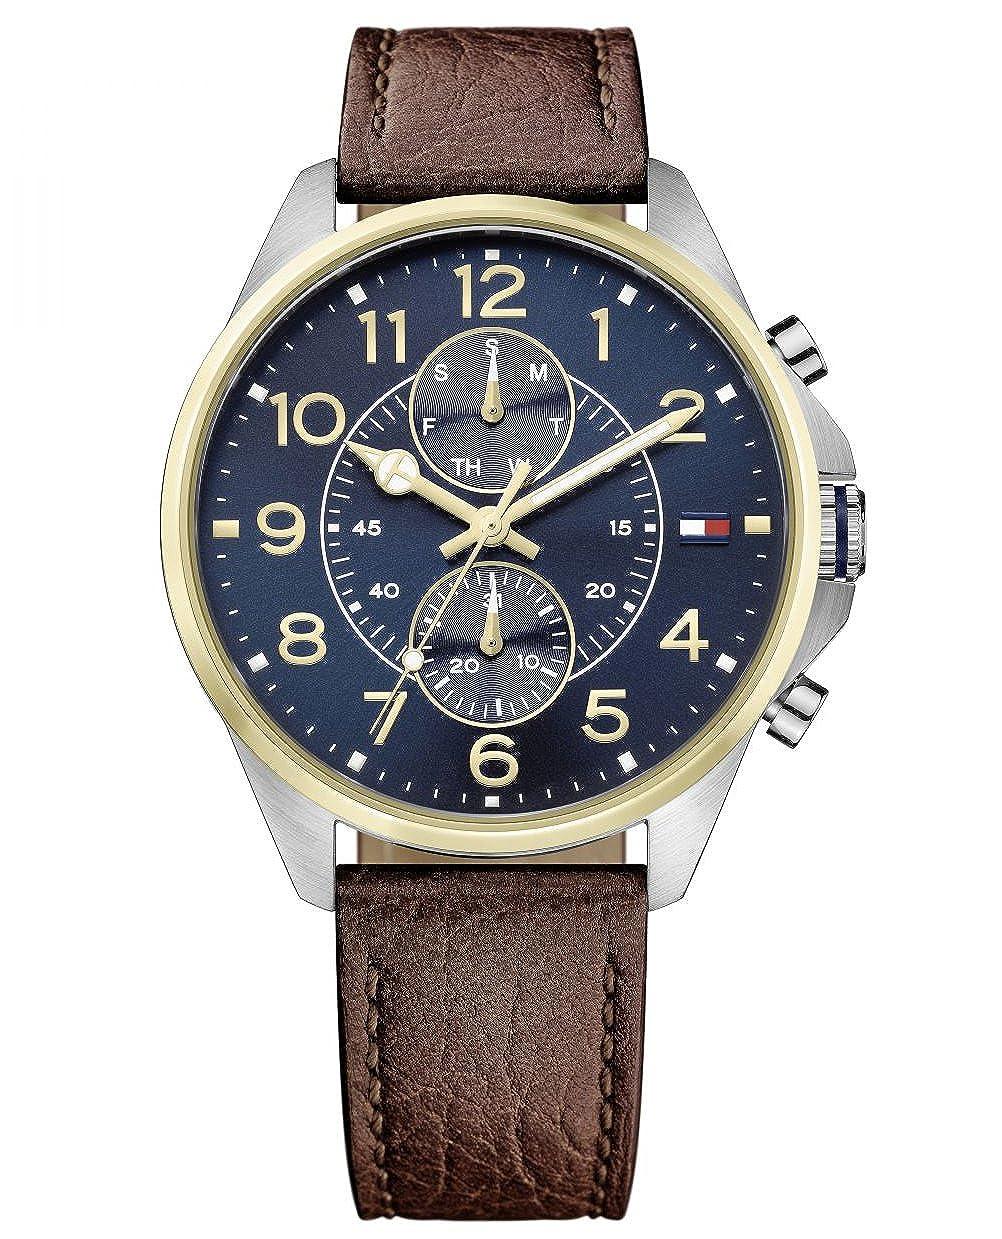 Reloj para hombre Tommy Hilfiger 1791275, mecanismo de cuarzo, diseño con varias esferas, correa de piel.